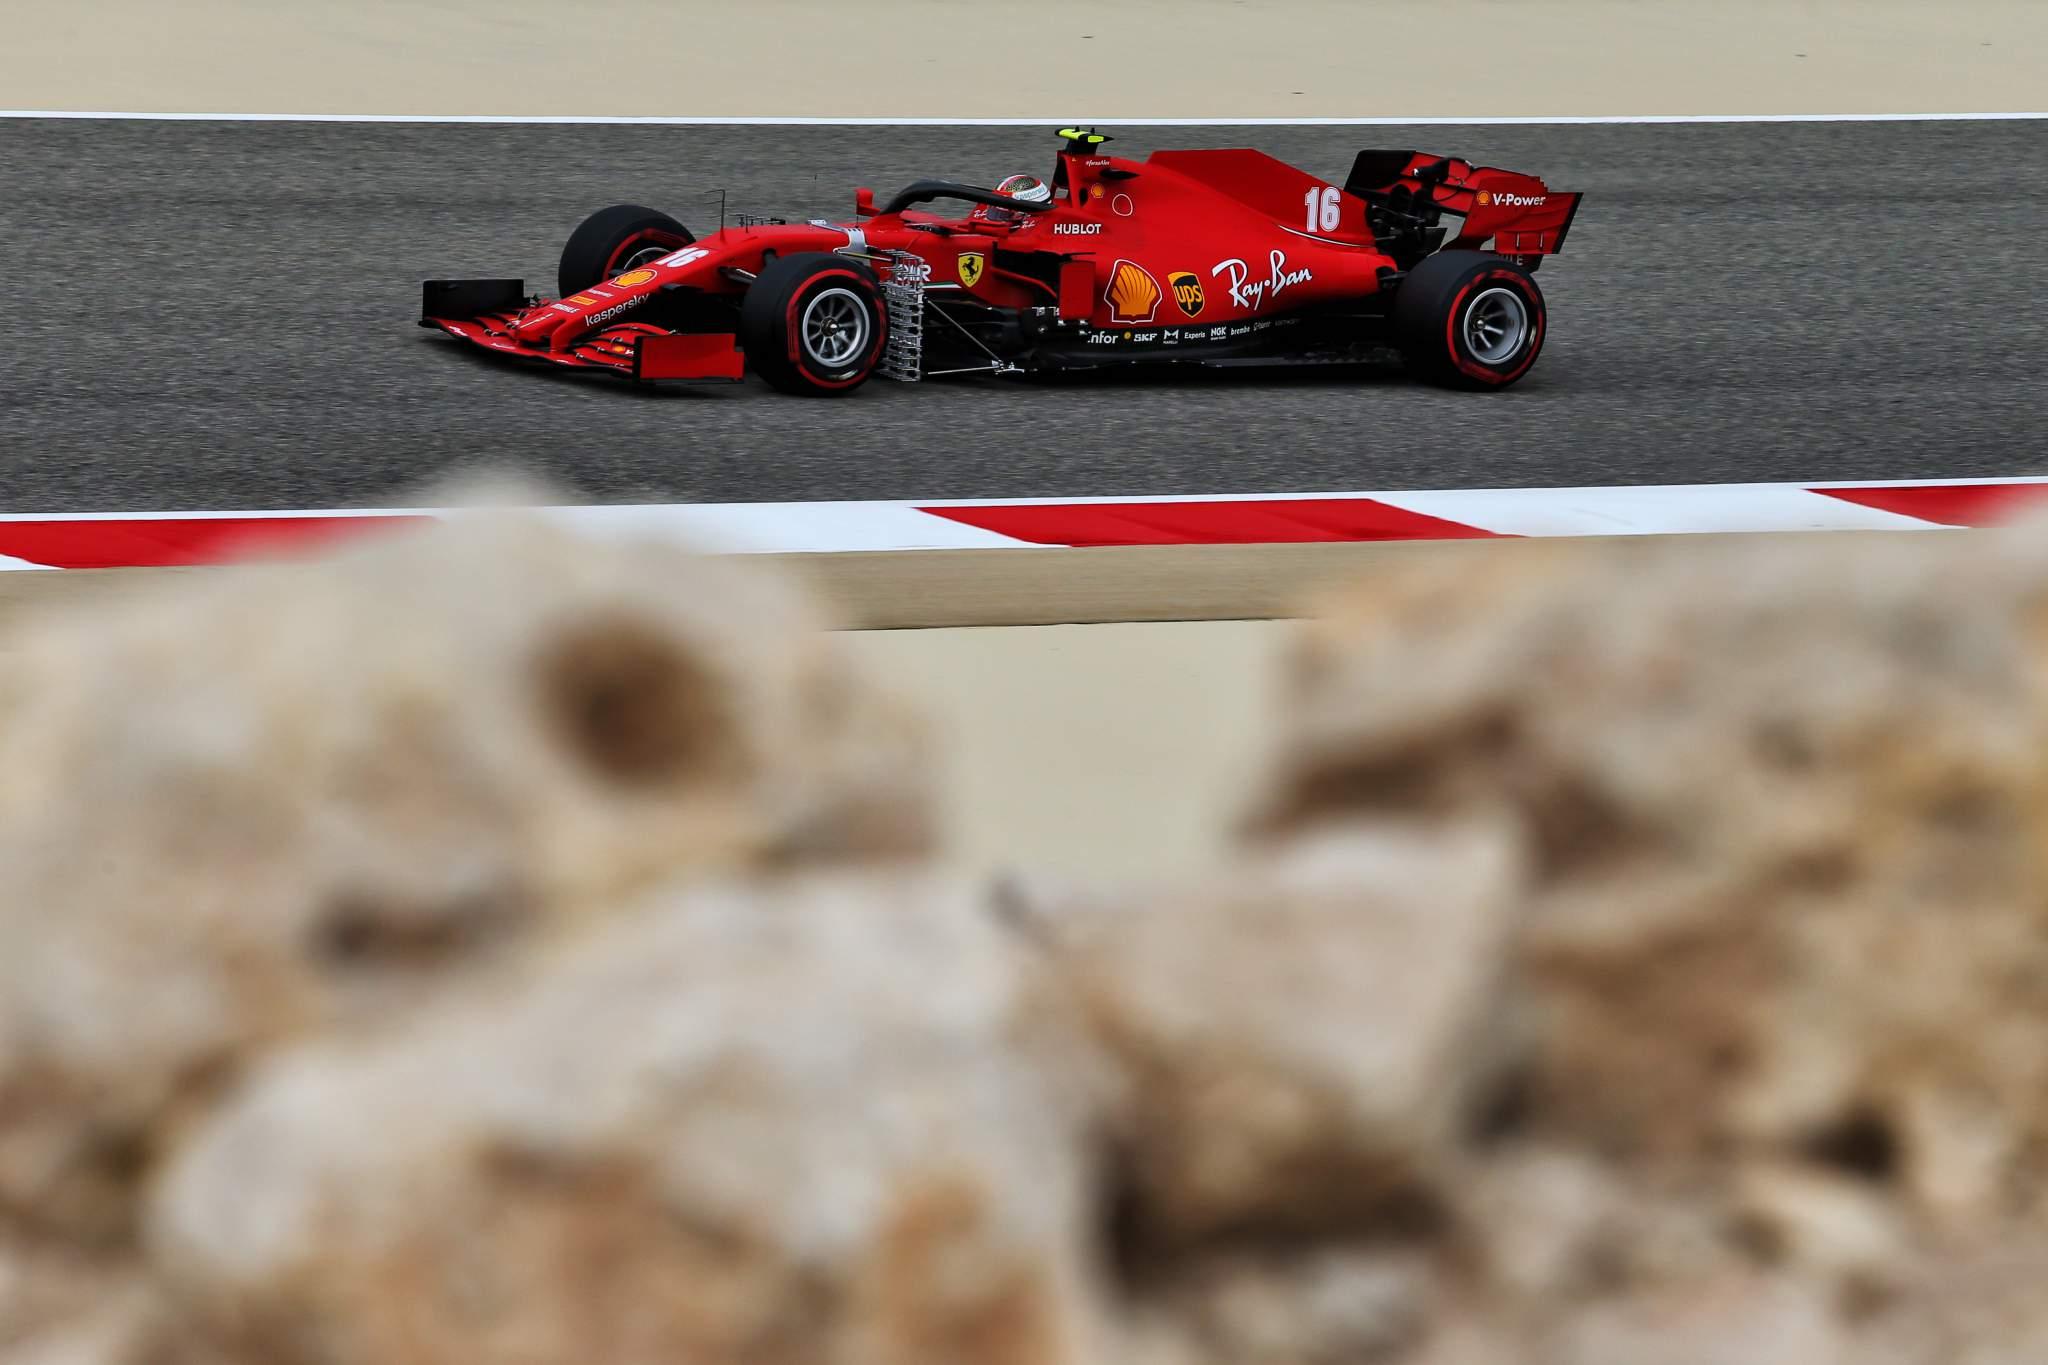 Motor Racing Formula One World Championship Bahrain Grand Prix Practice Day Sakhir, Bahrain